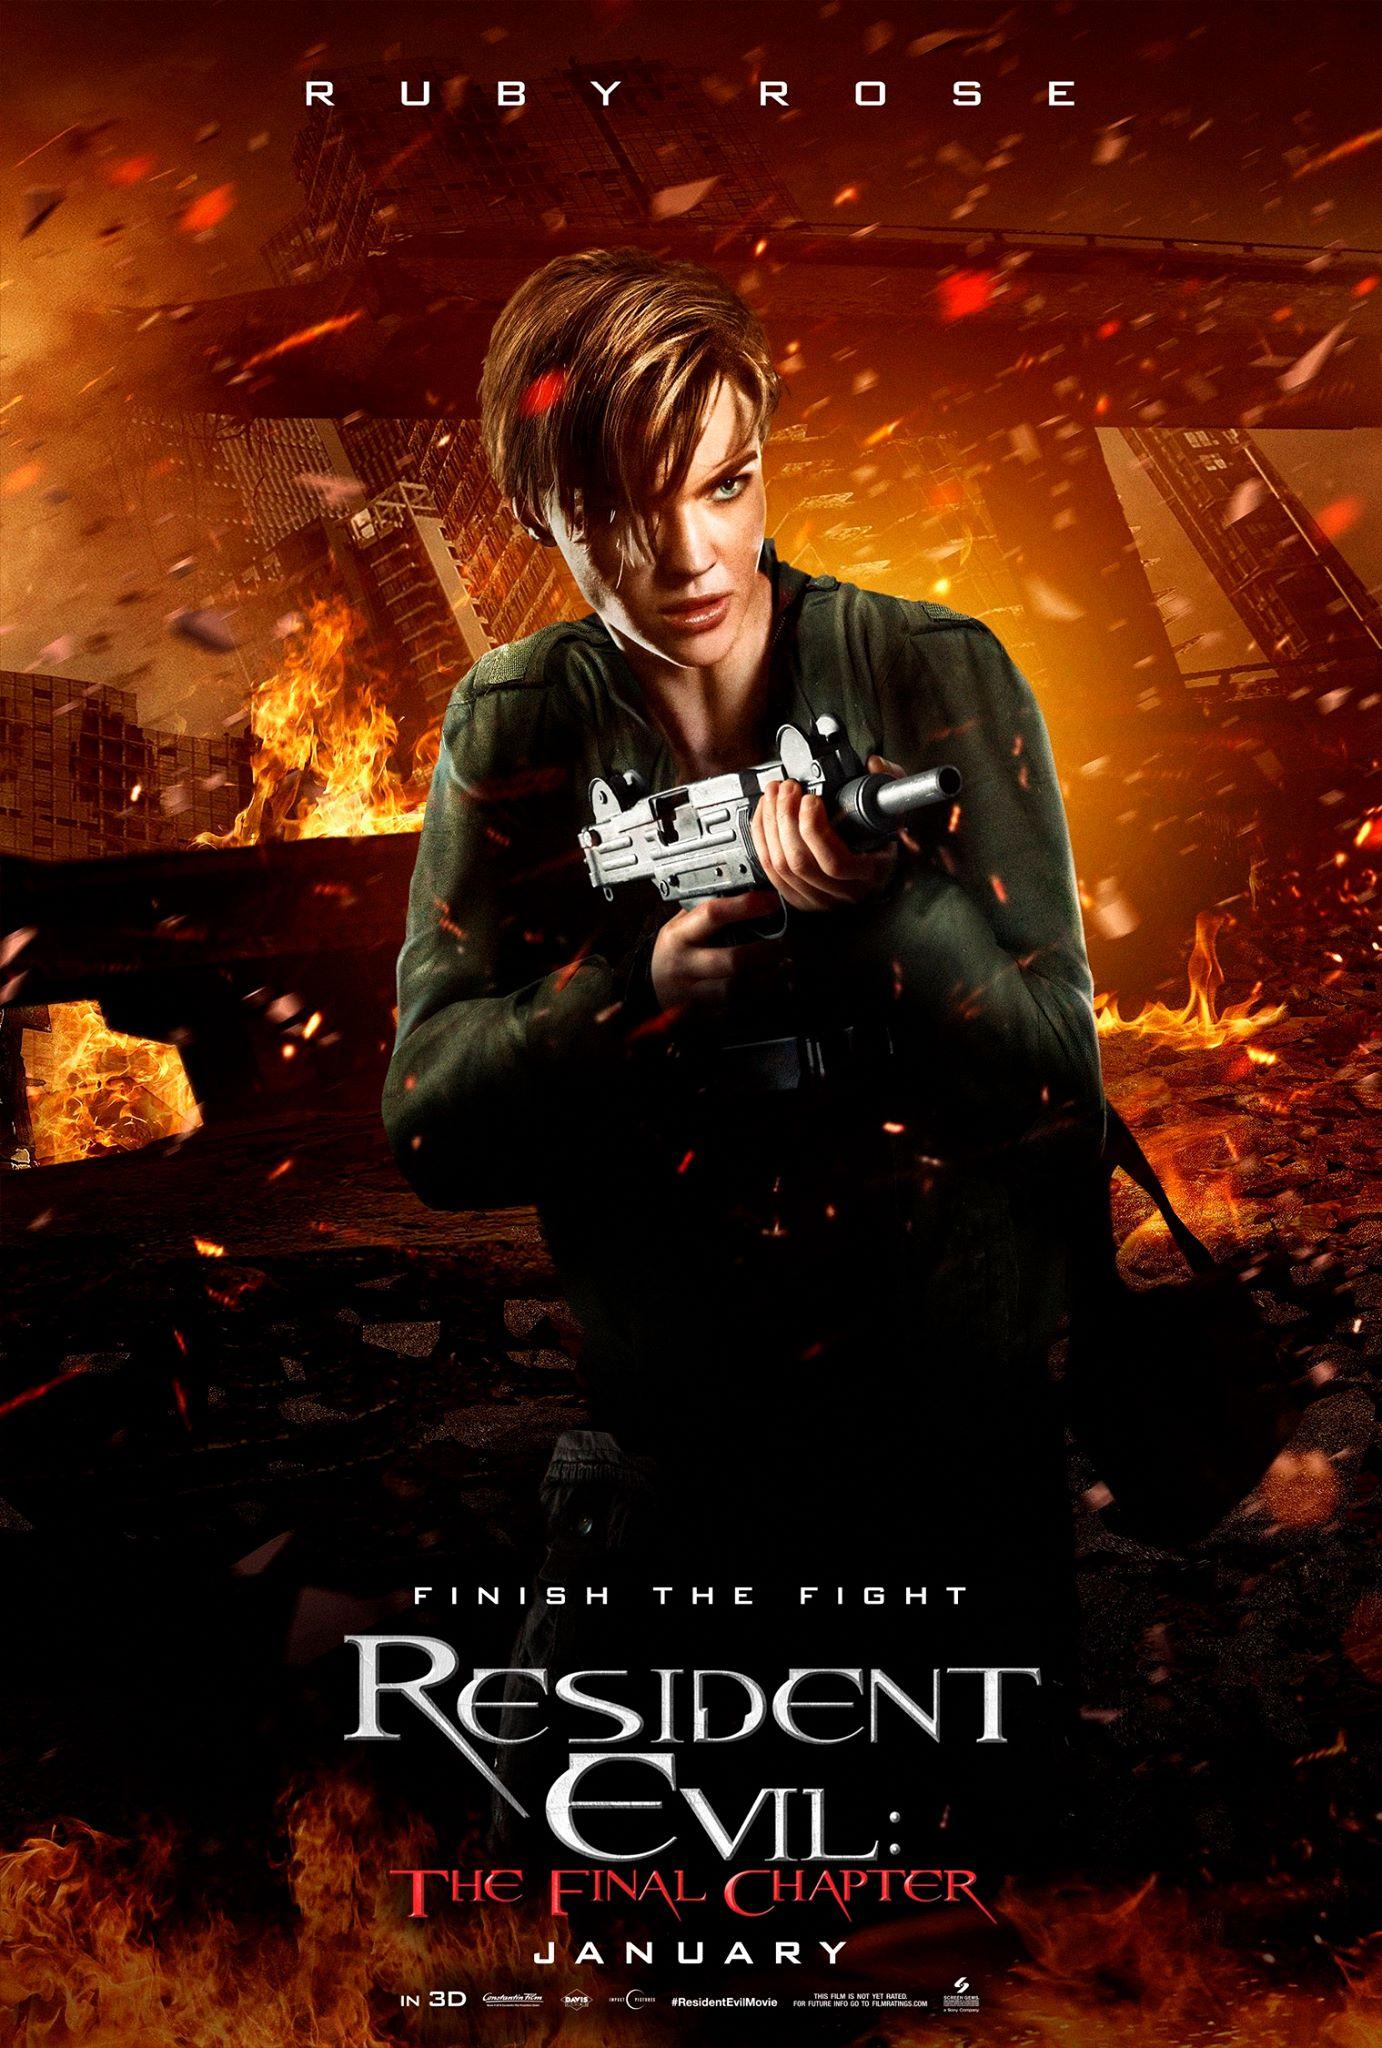 Resident Evil 6 | Teaser Trailer